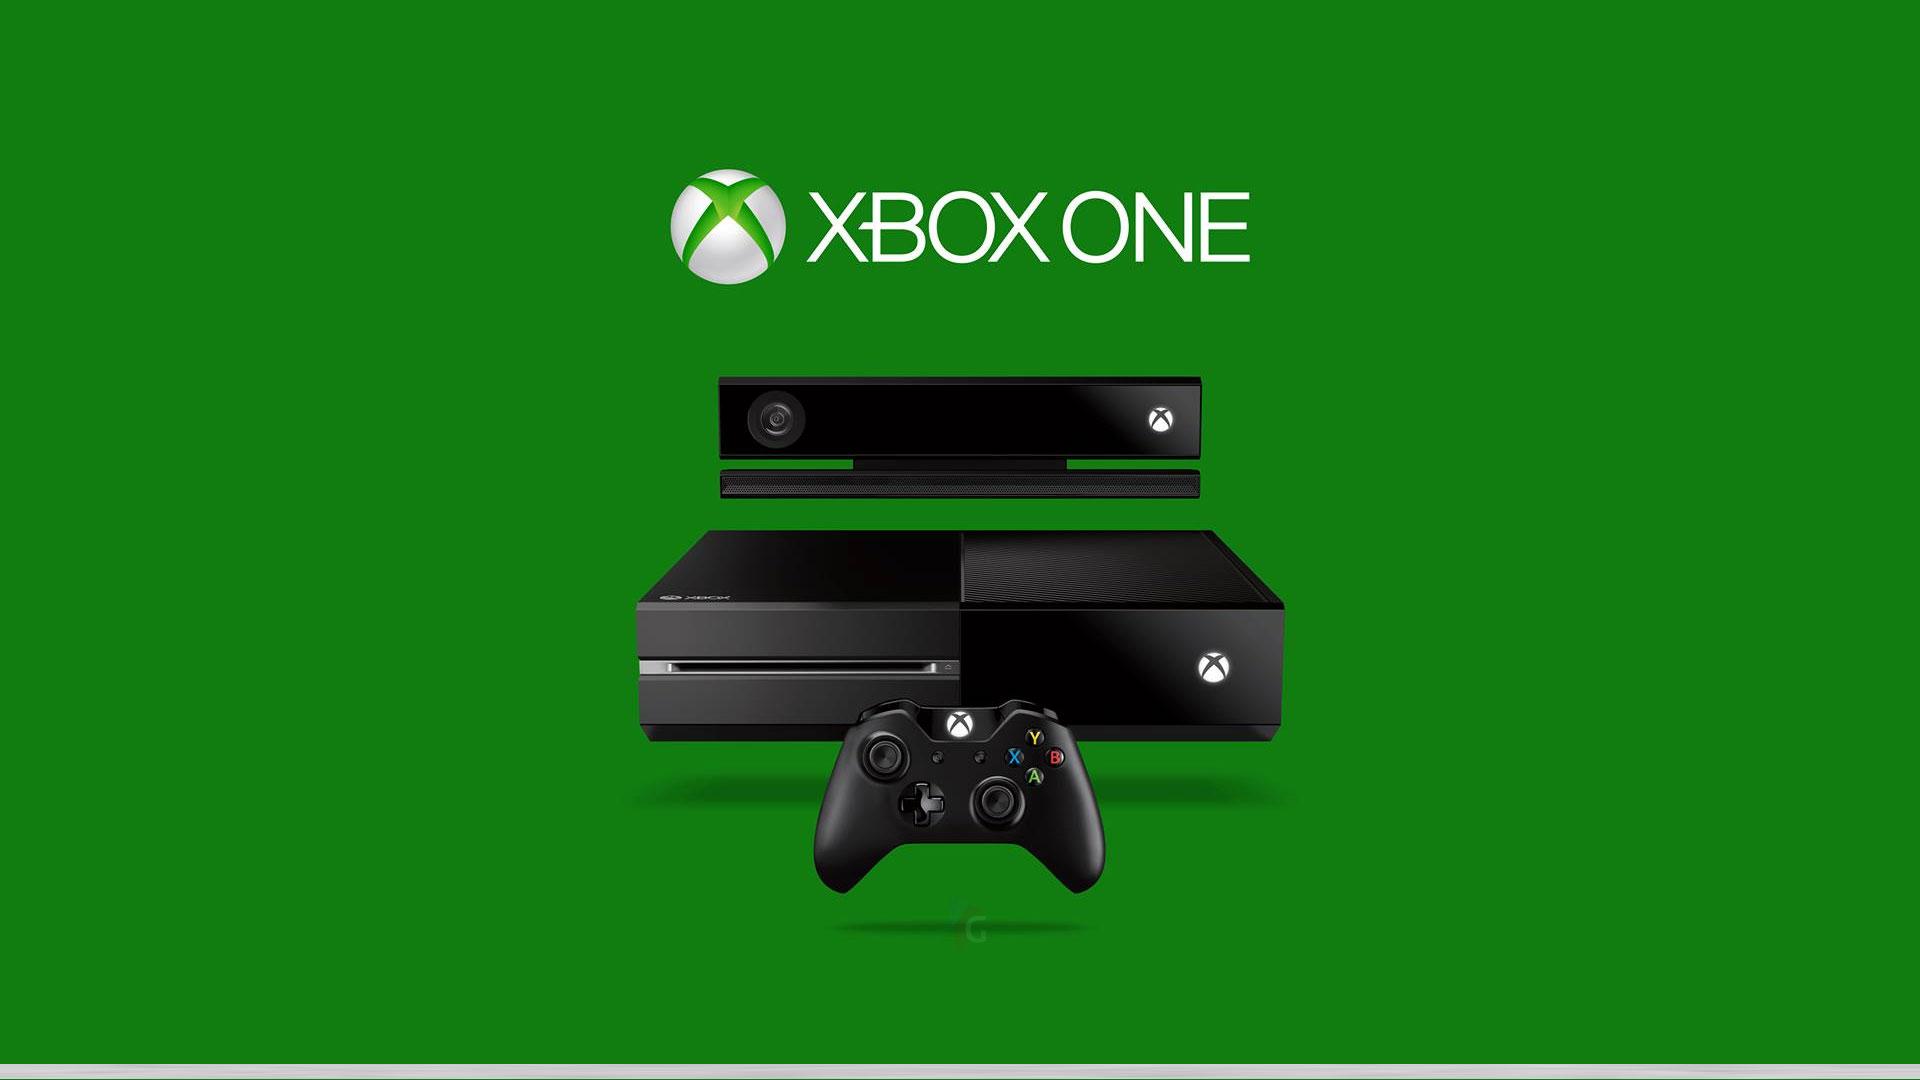 Dostałeś konsolę Xbox One? Oto 5 gier na wyłączność, w które musisz zagrać (i 2 które omijaj z daleka)